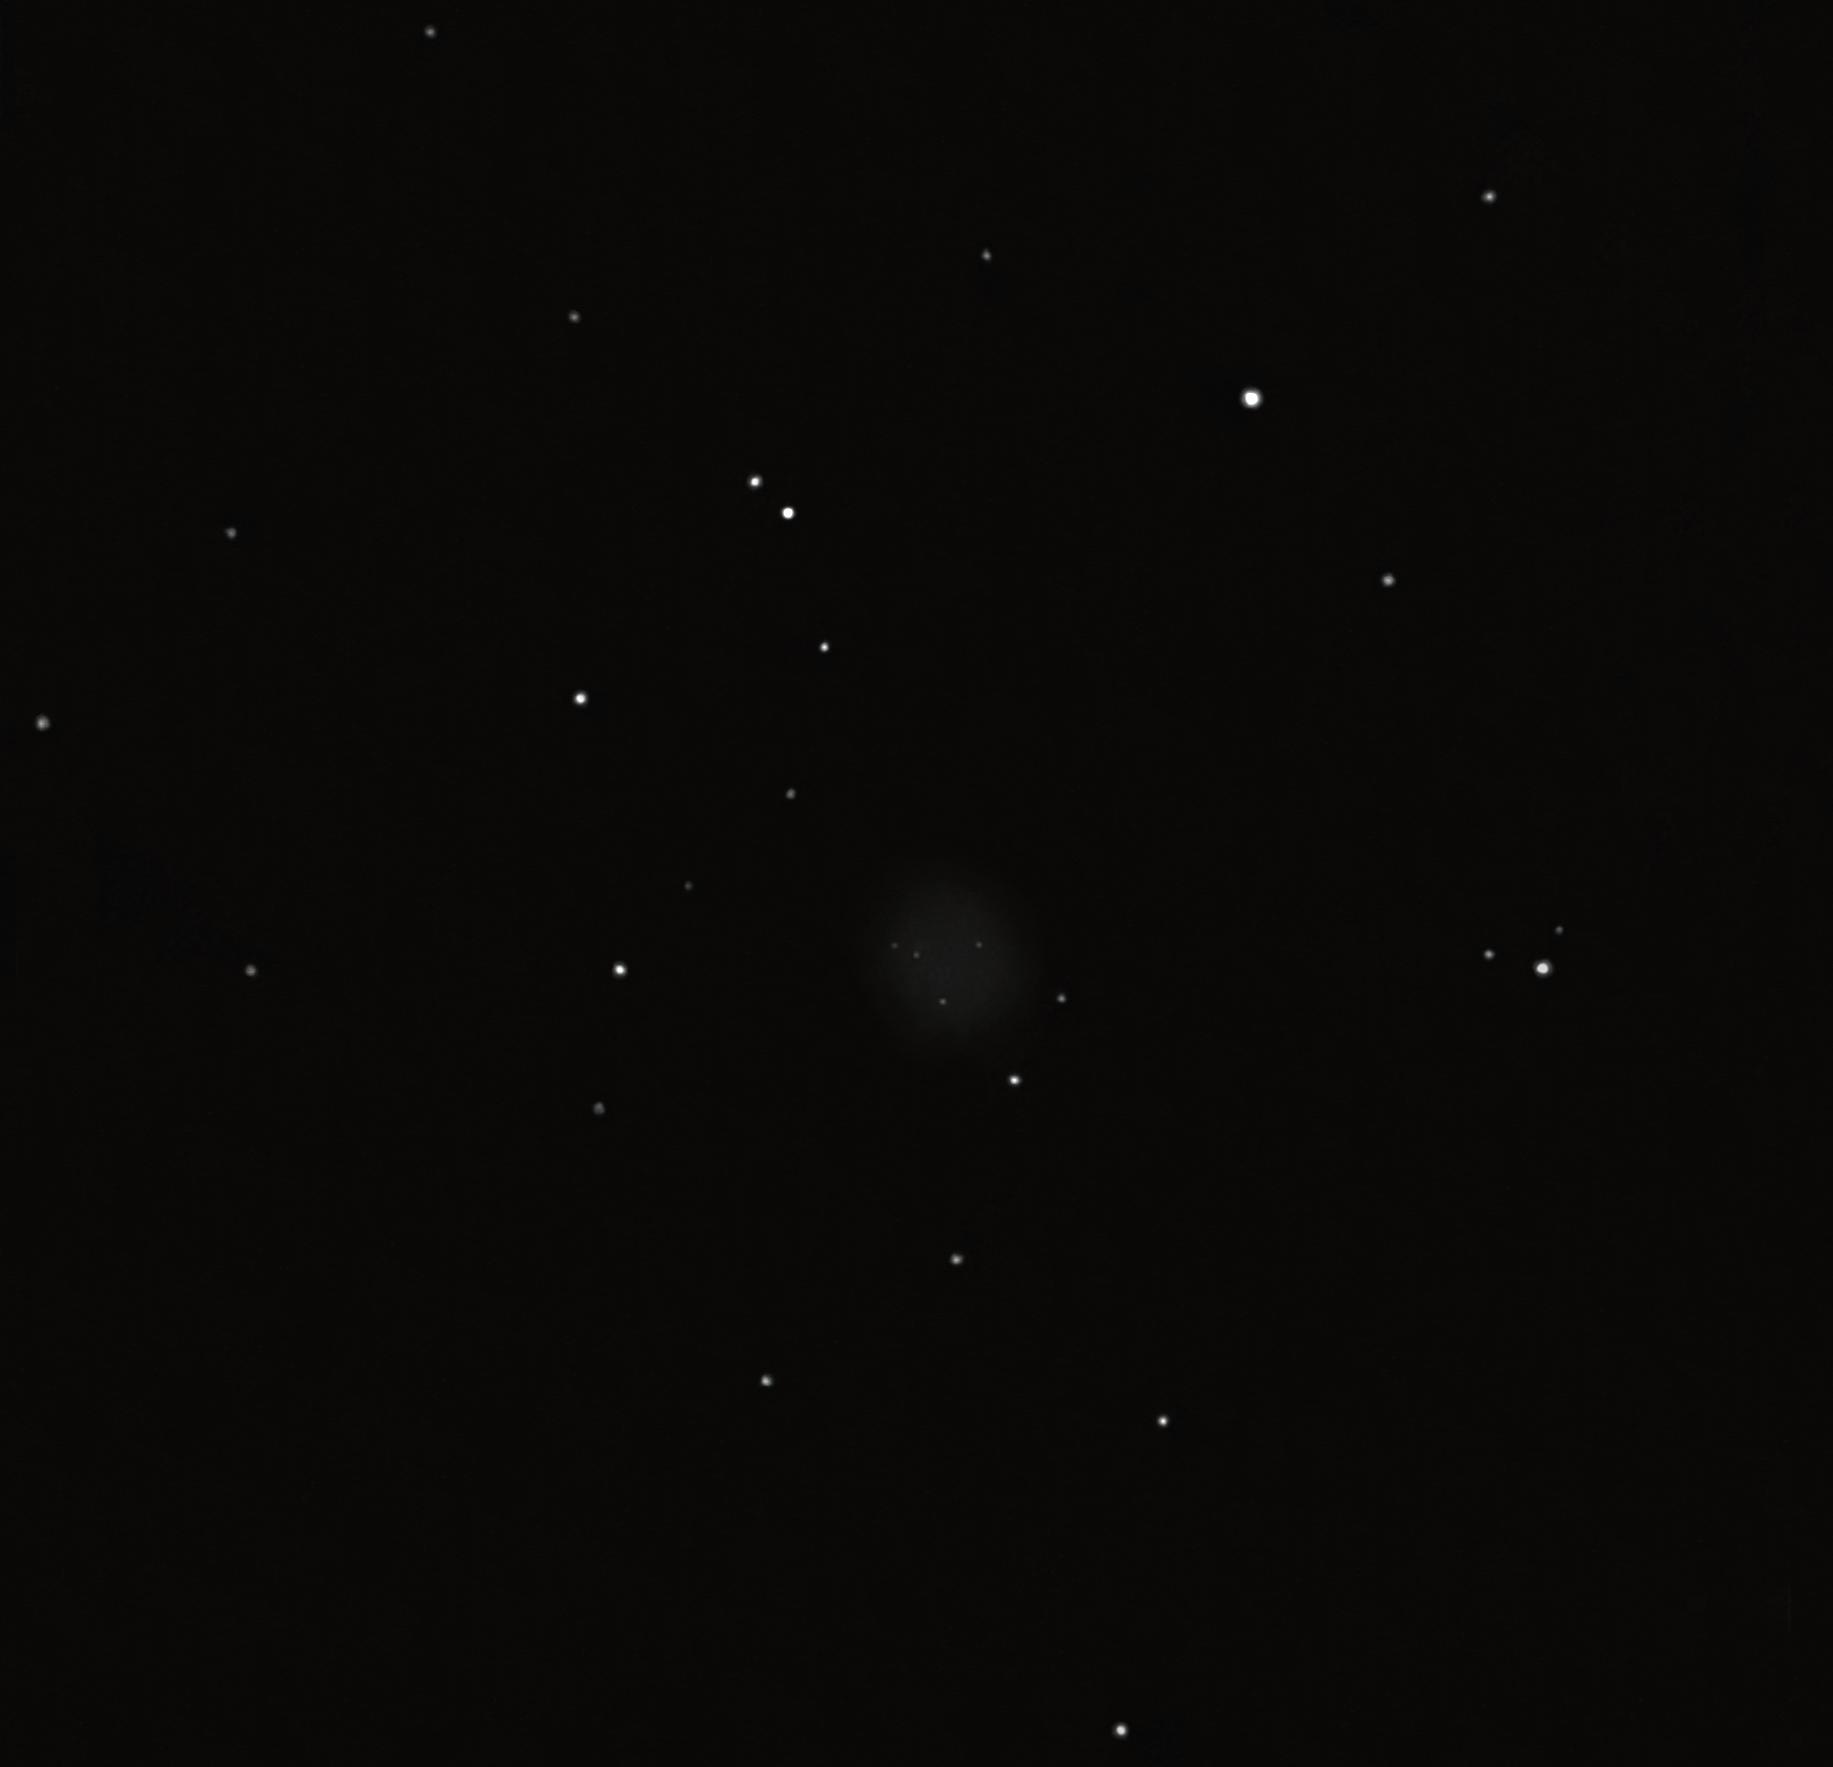 palomar 11 globular cluster